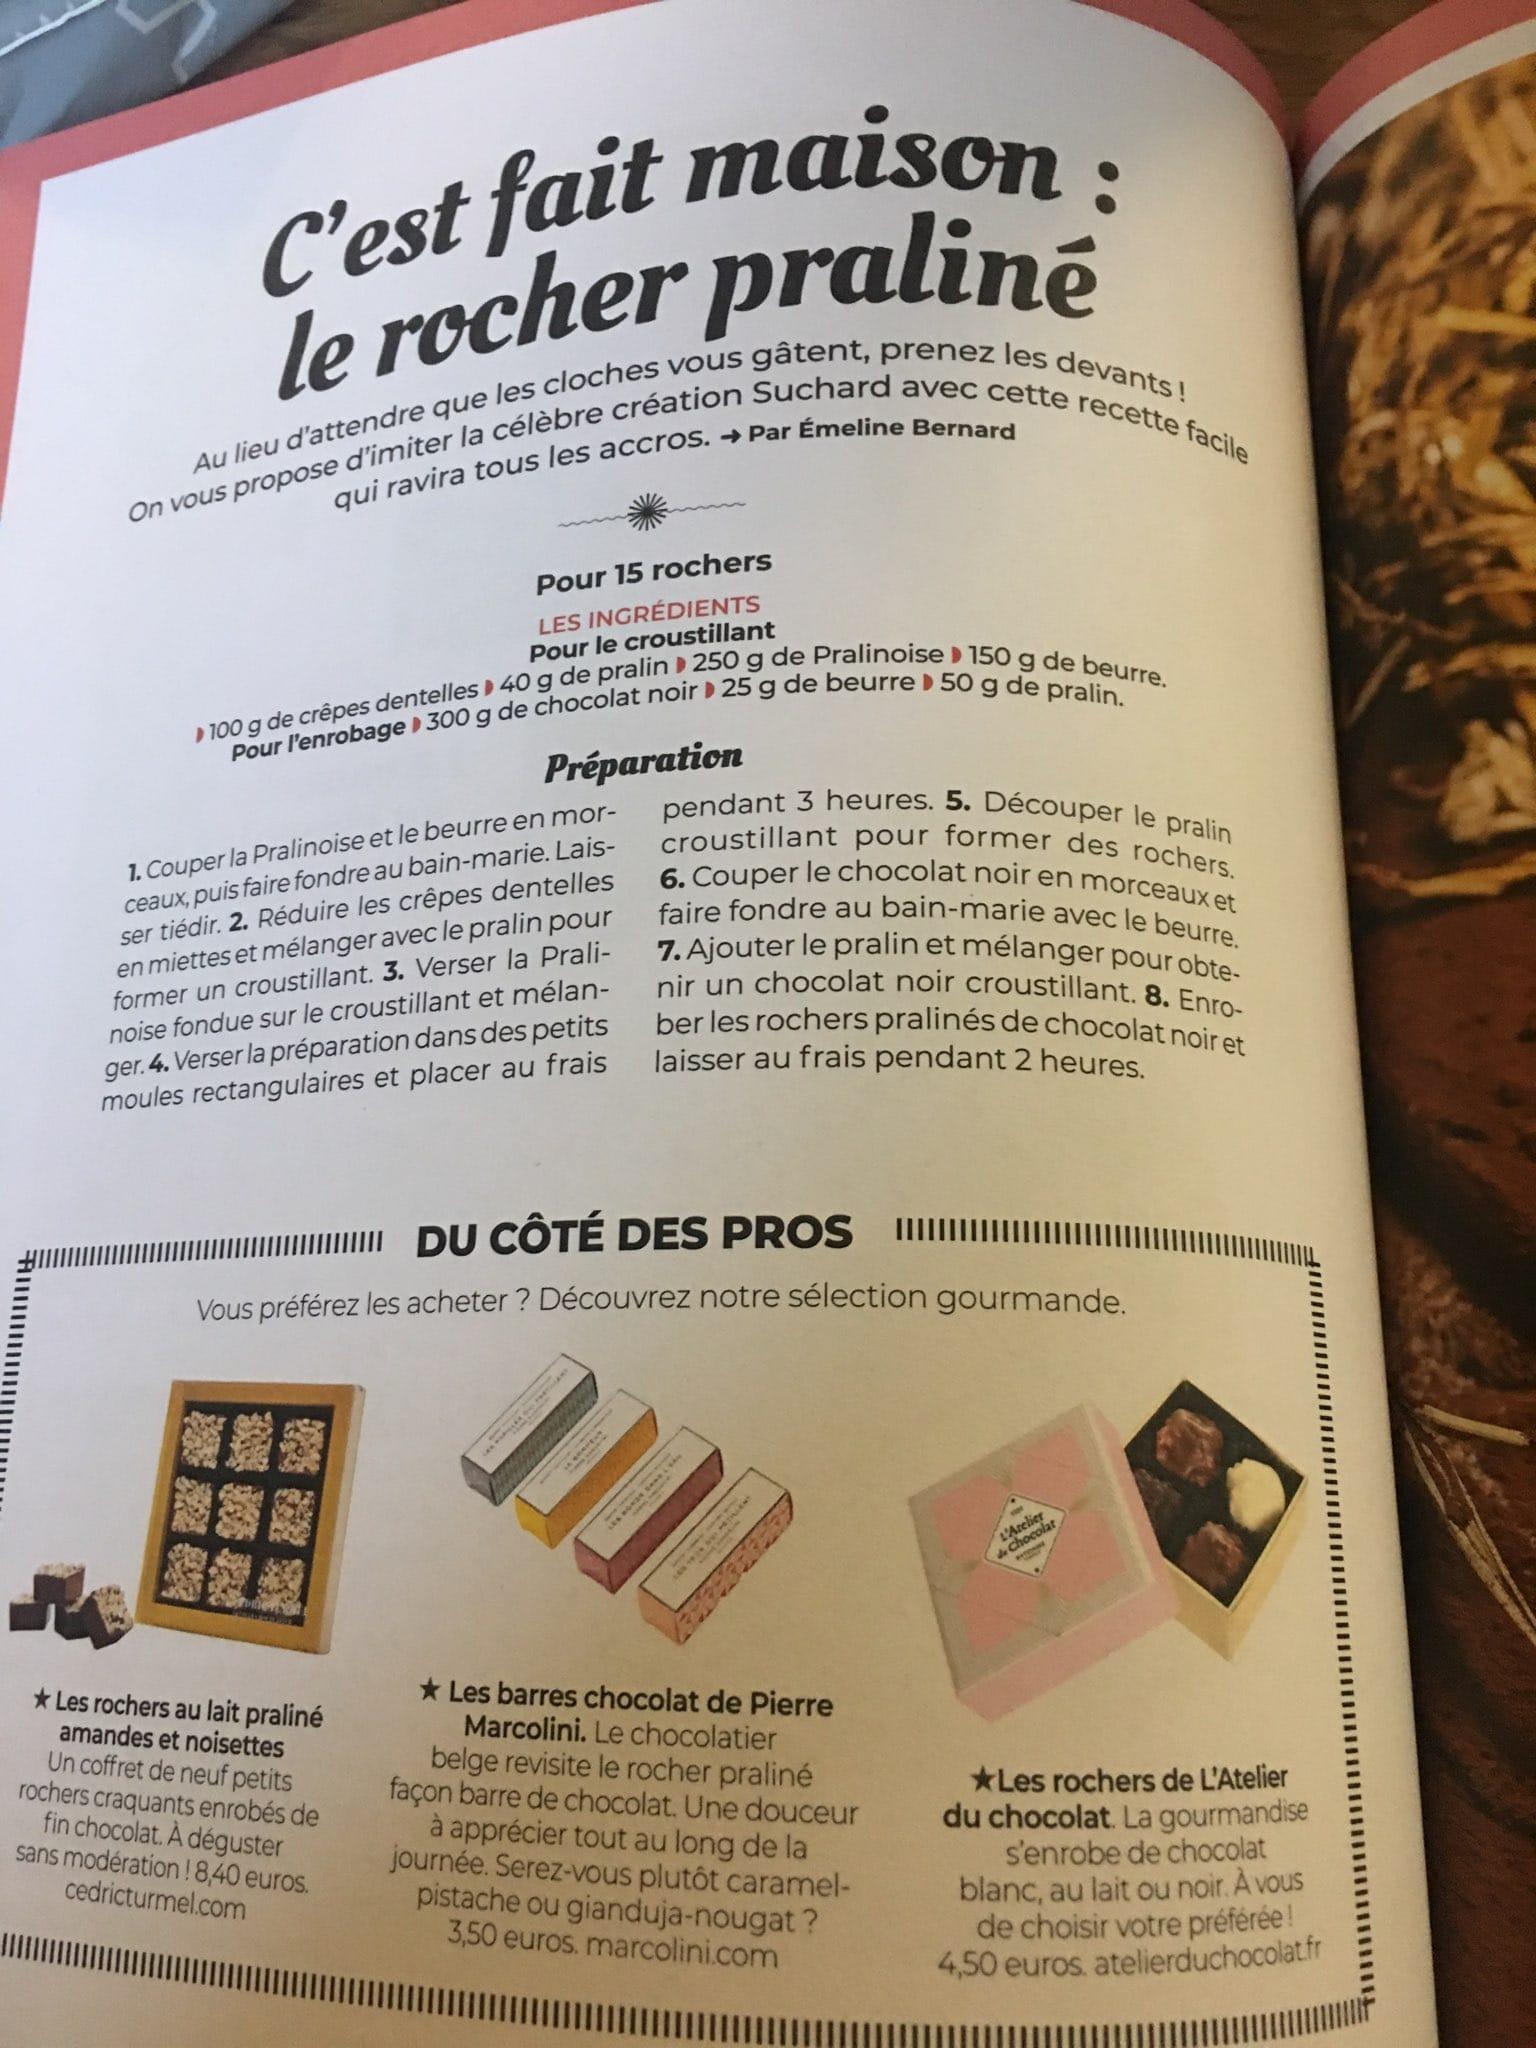 Presse : Oh My Mag, découvrez comment fabriquer nos rochers pralinés amandes et noisettes - Cédric Turmel artisan chocolatier 100% bio